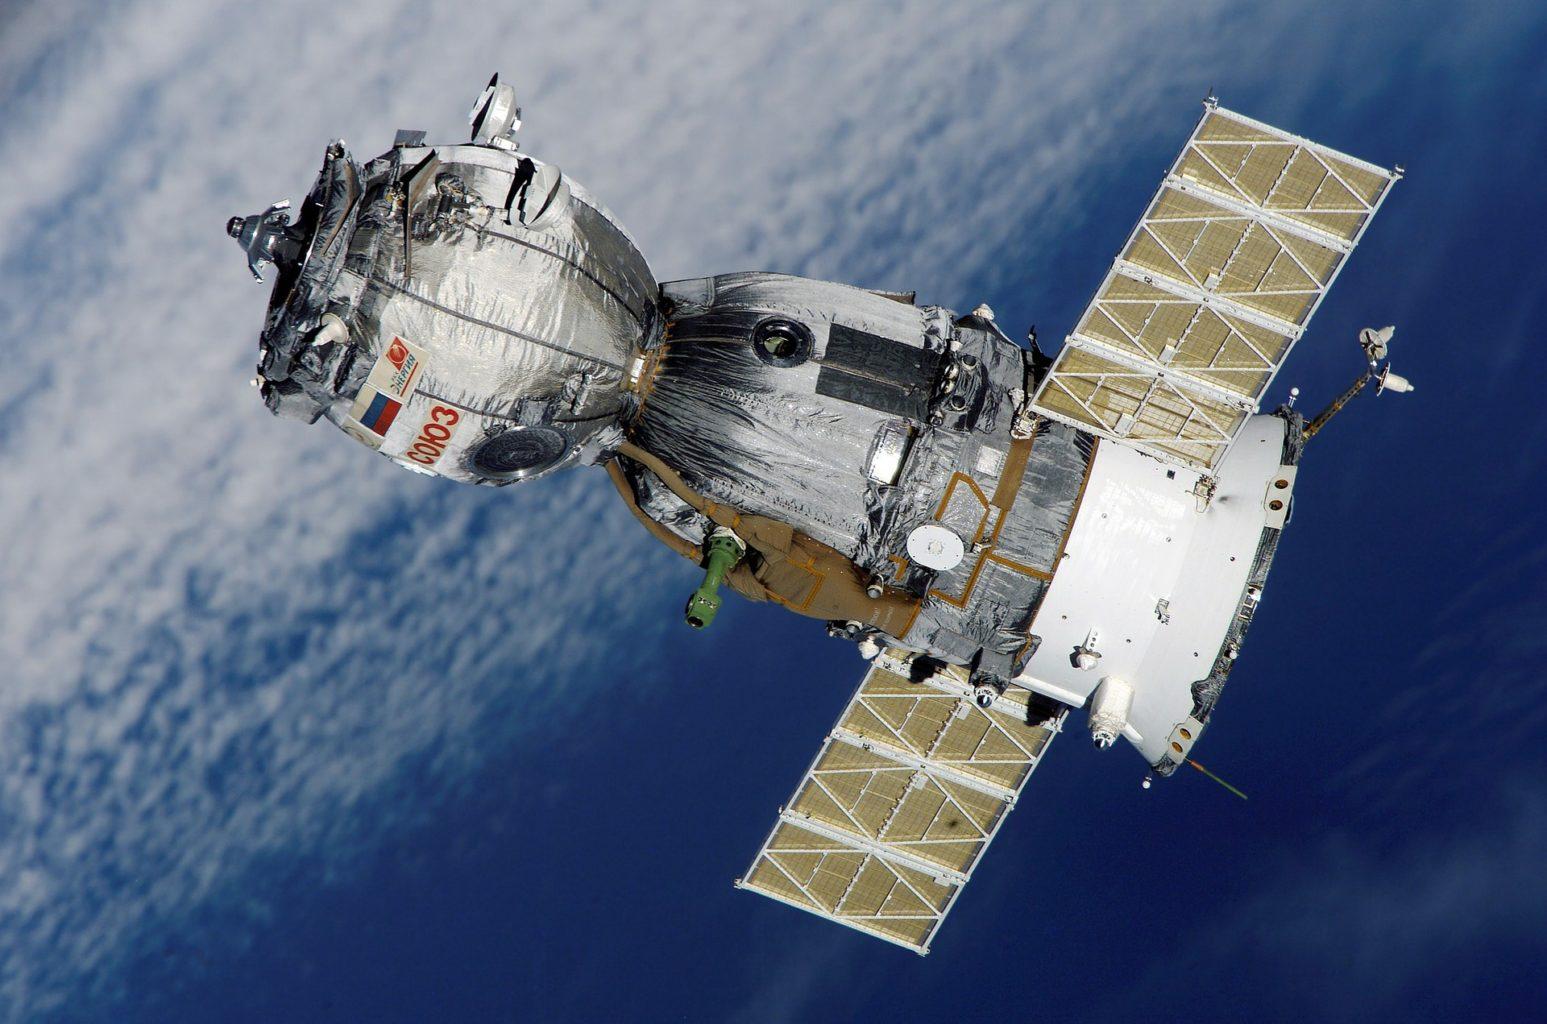 Erodieren für die Raumfahrt